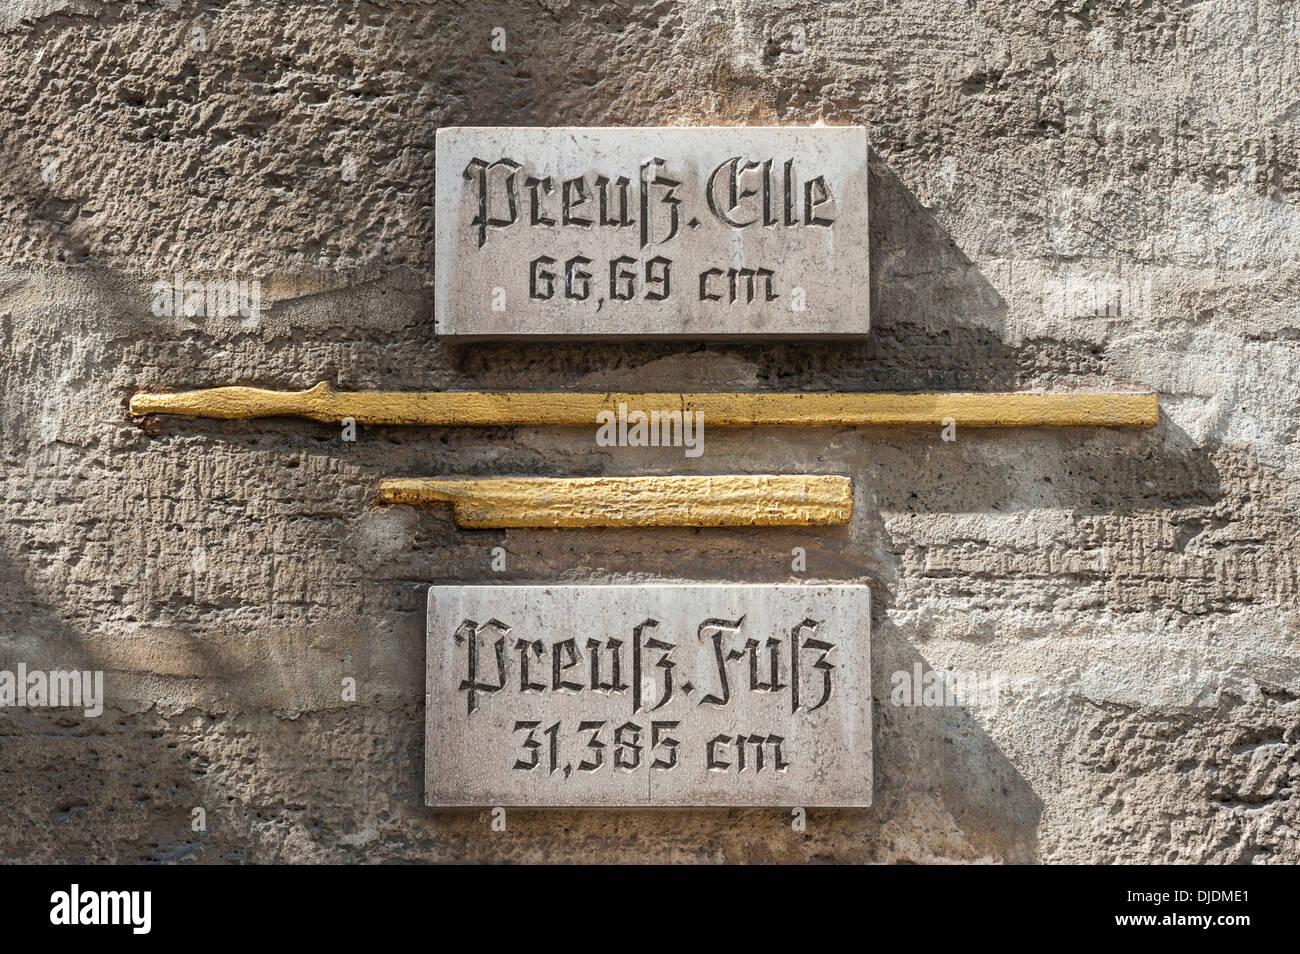 Misure storiche di lunghezza presso il Municipio, dorate con pannelli esplicativi, Bad Langensalza, Turingia, Germania Immagini Stock